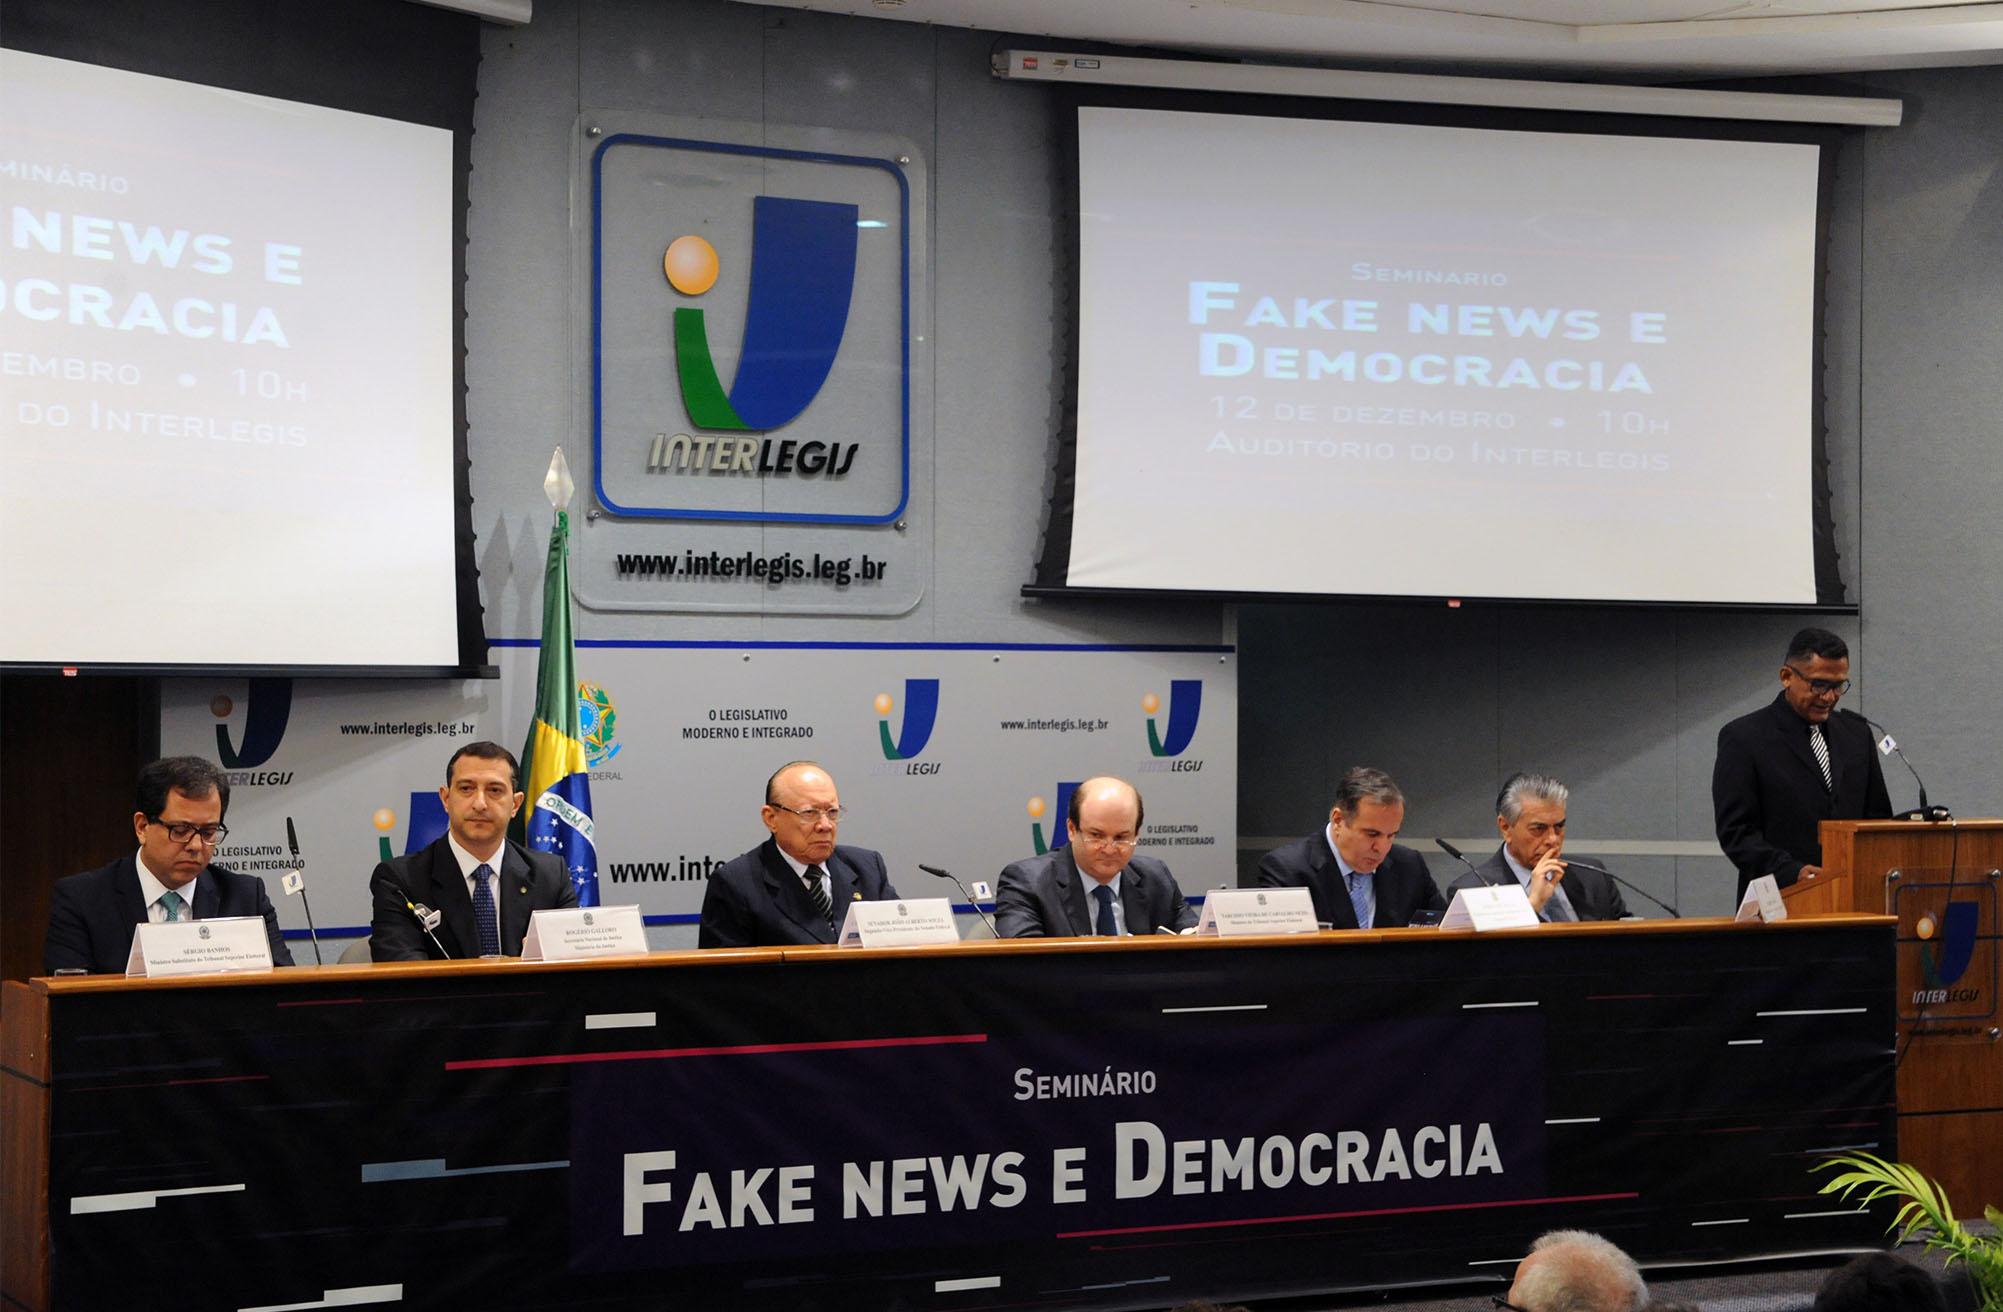 """Debatedores defendem participação do Facebook e do Google no combate às """"fake news"""" nas eleições"""